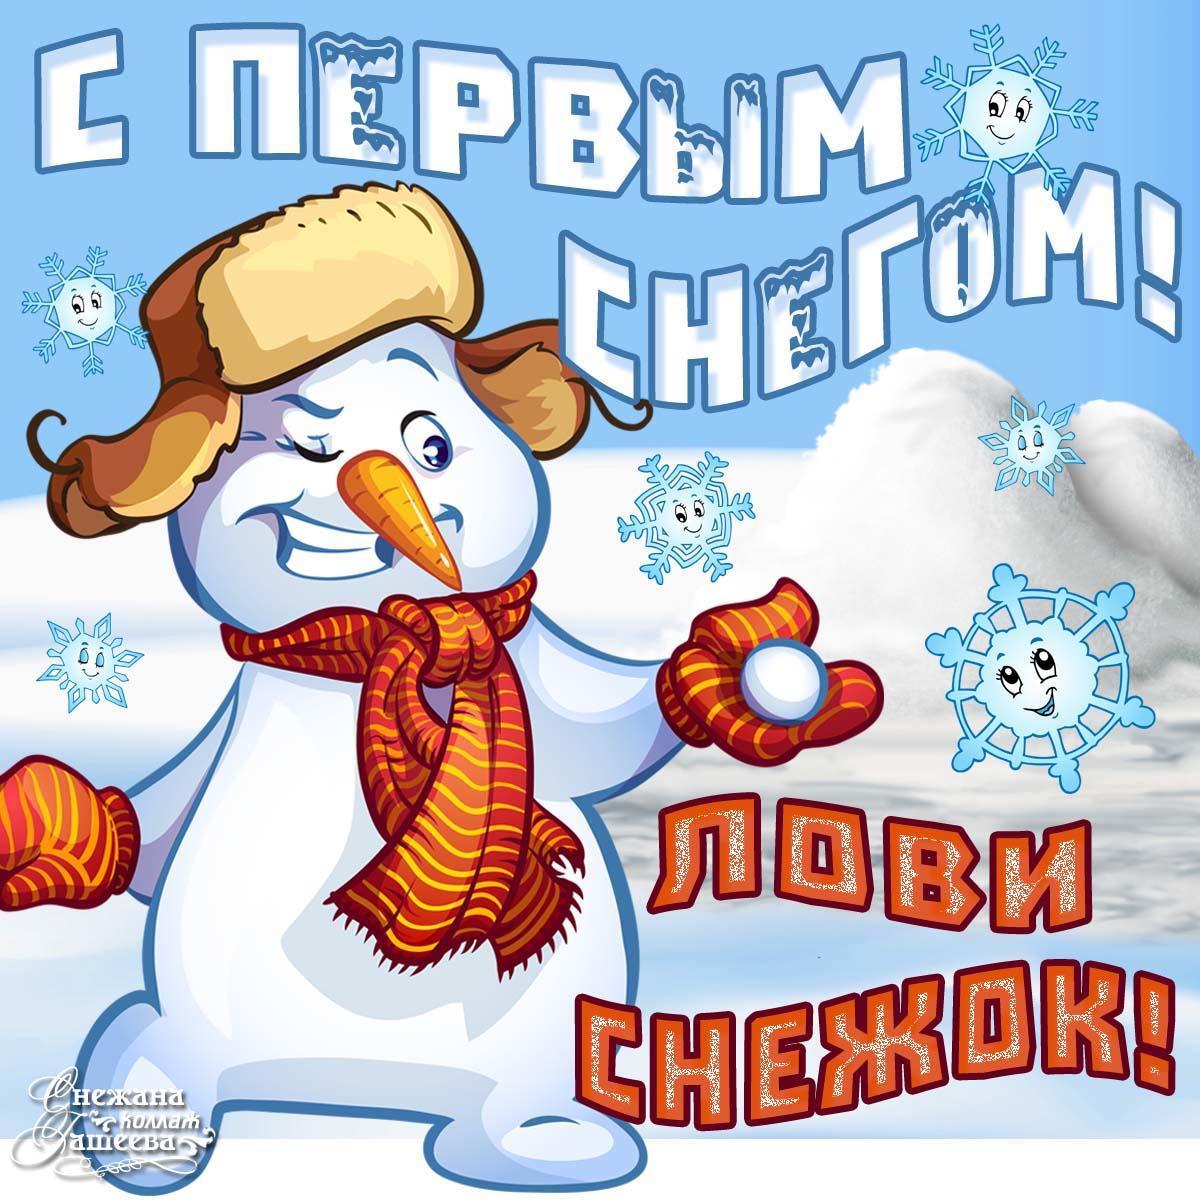 Русских, первый снег картинки с надписями прикольные